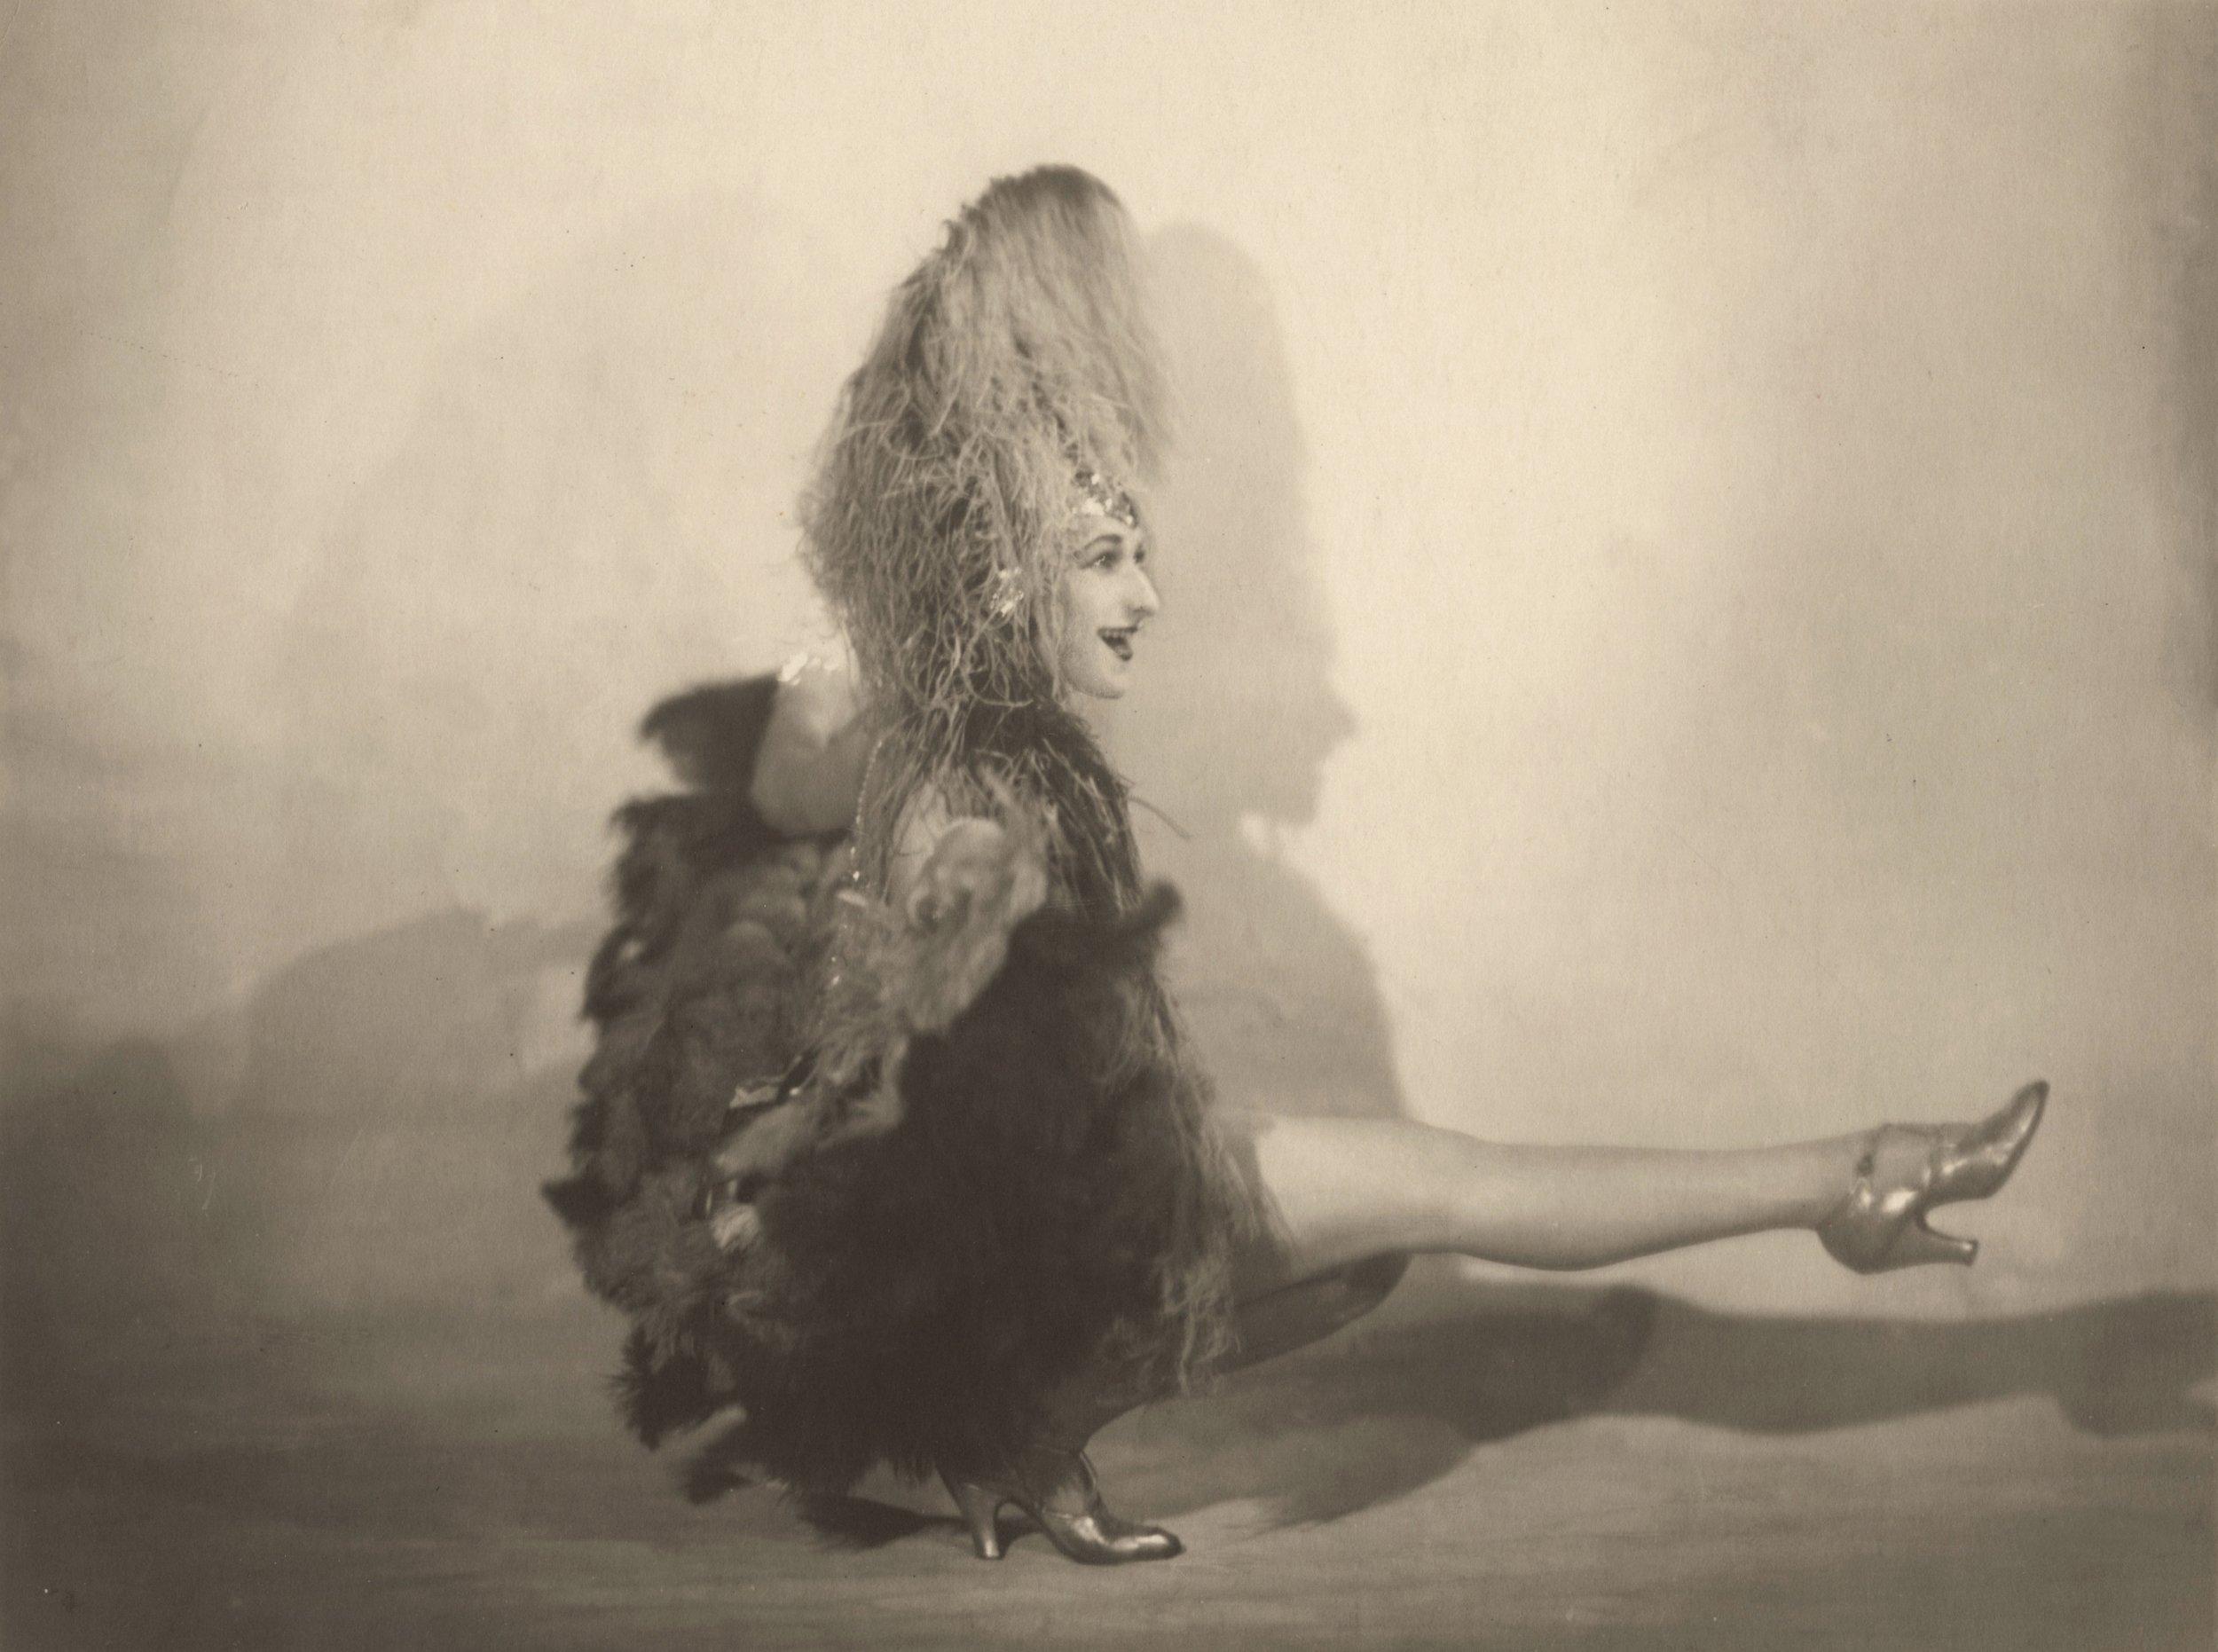 Teddy Caisser, a.k.a. Mademoiselle Sousette, circa. 1920.